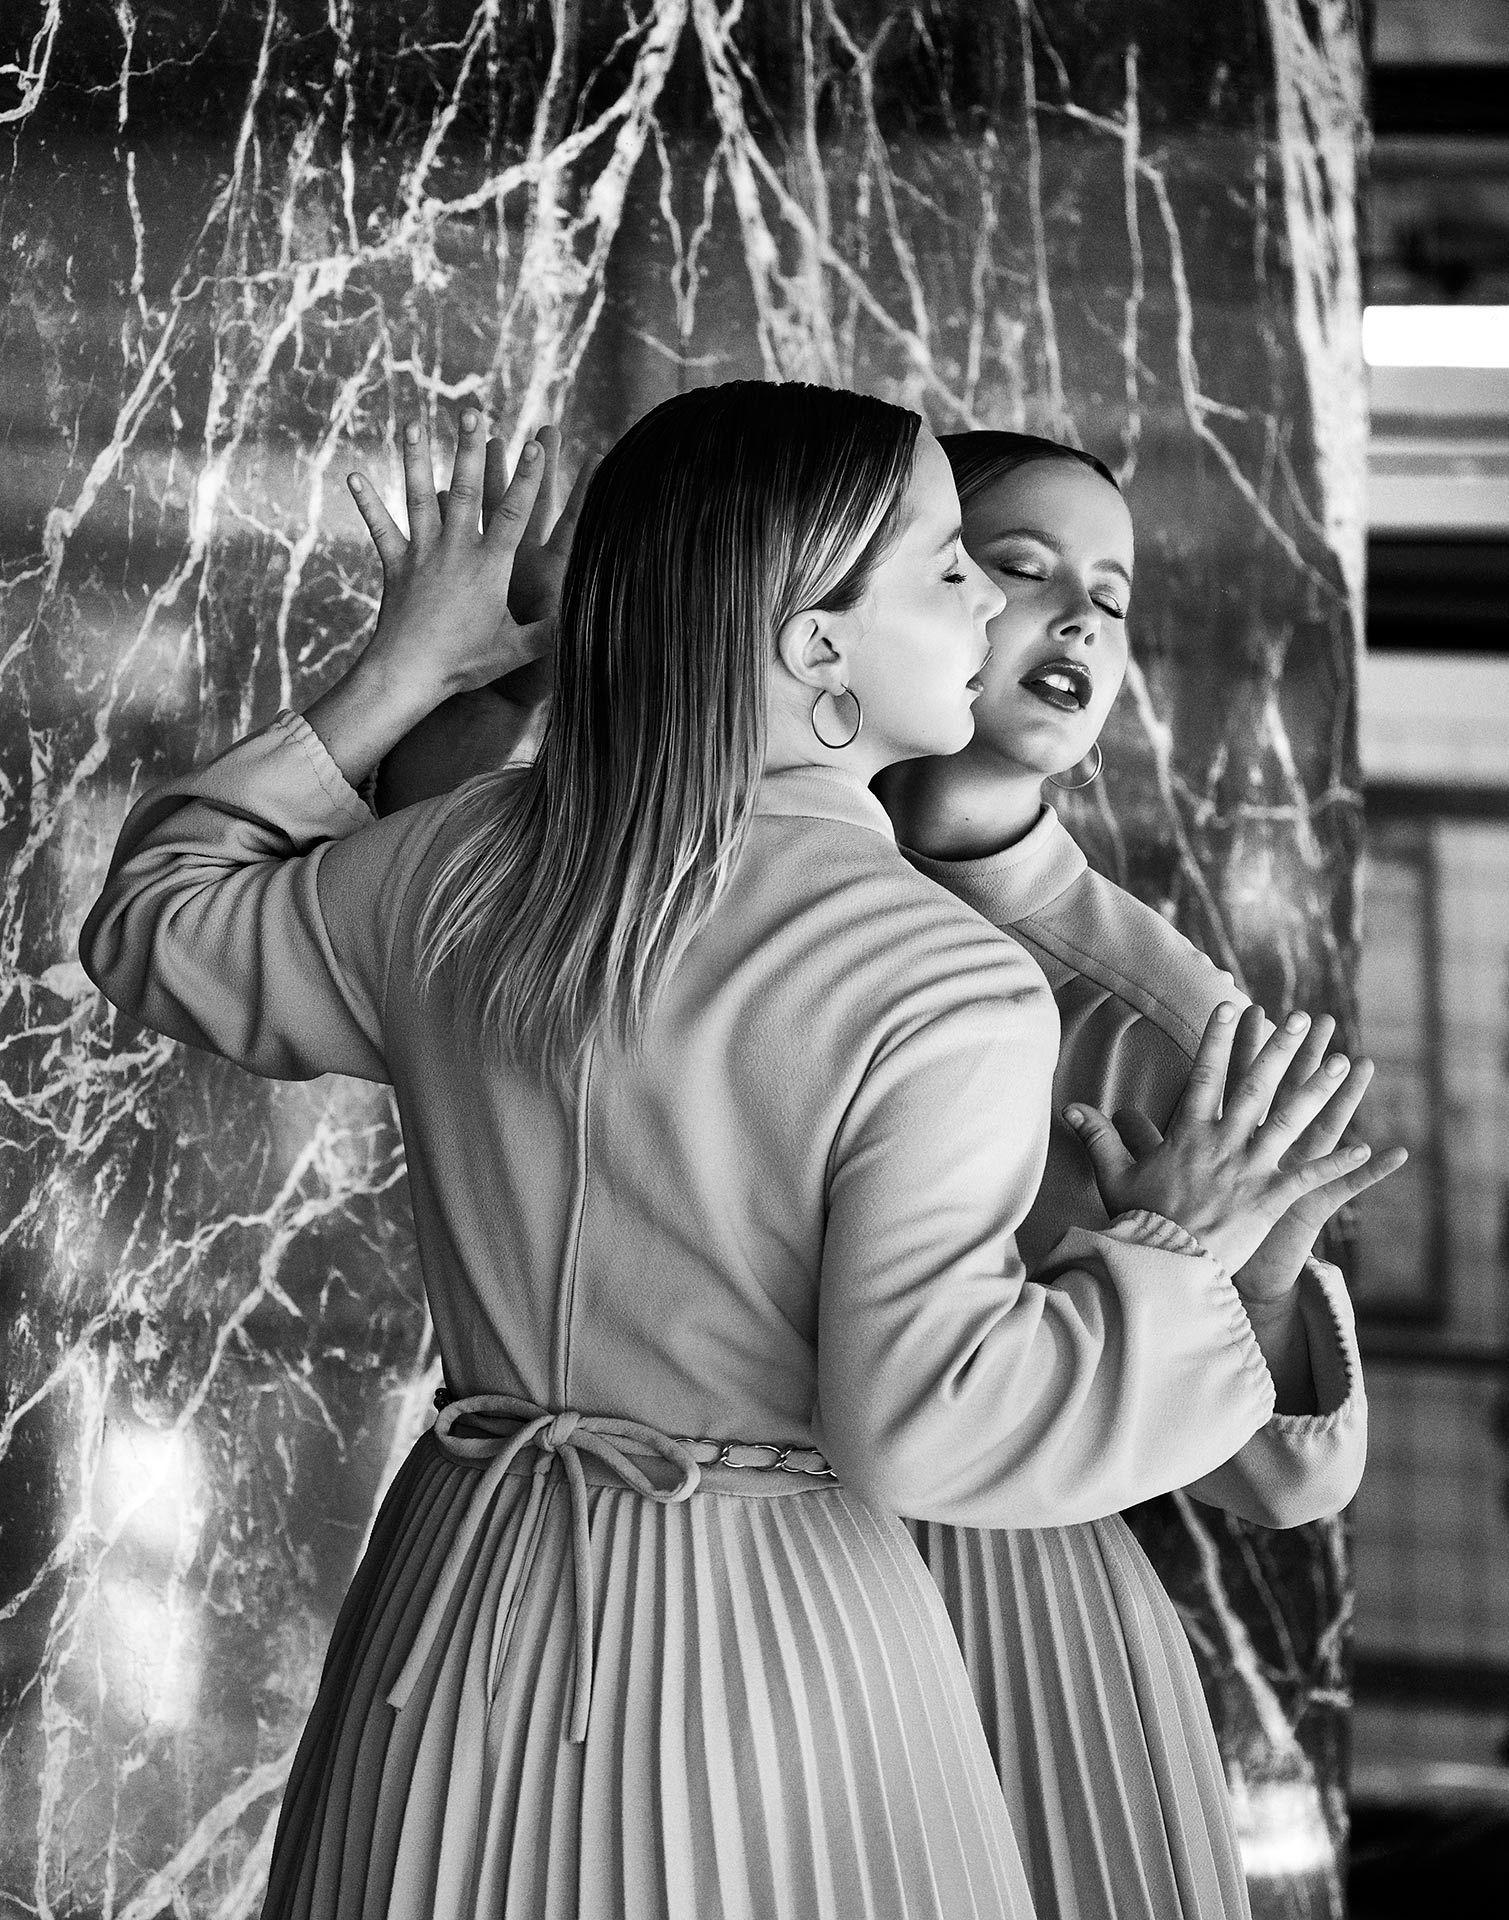 Juliette Gosselin shot by Jocelyn Michel